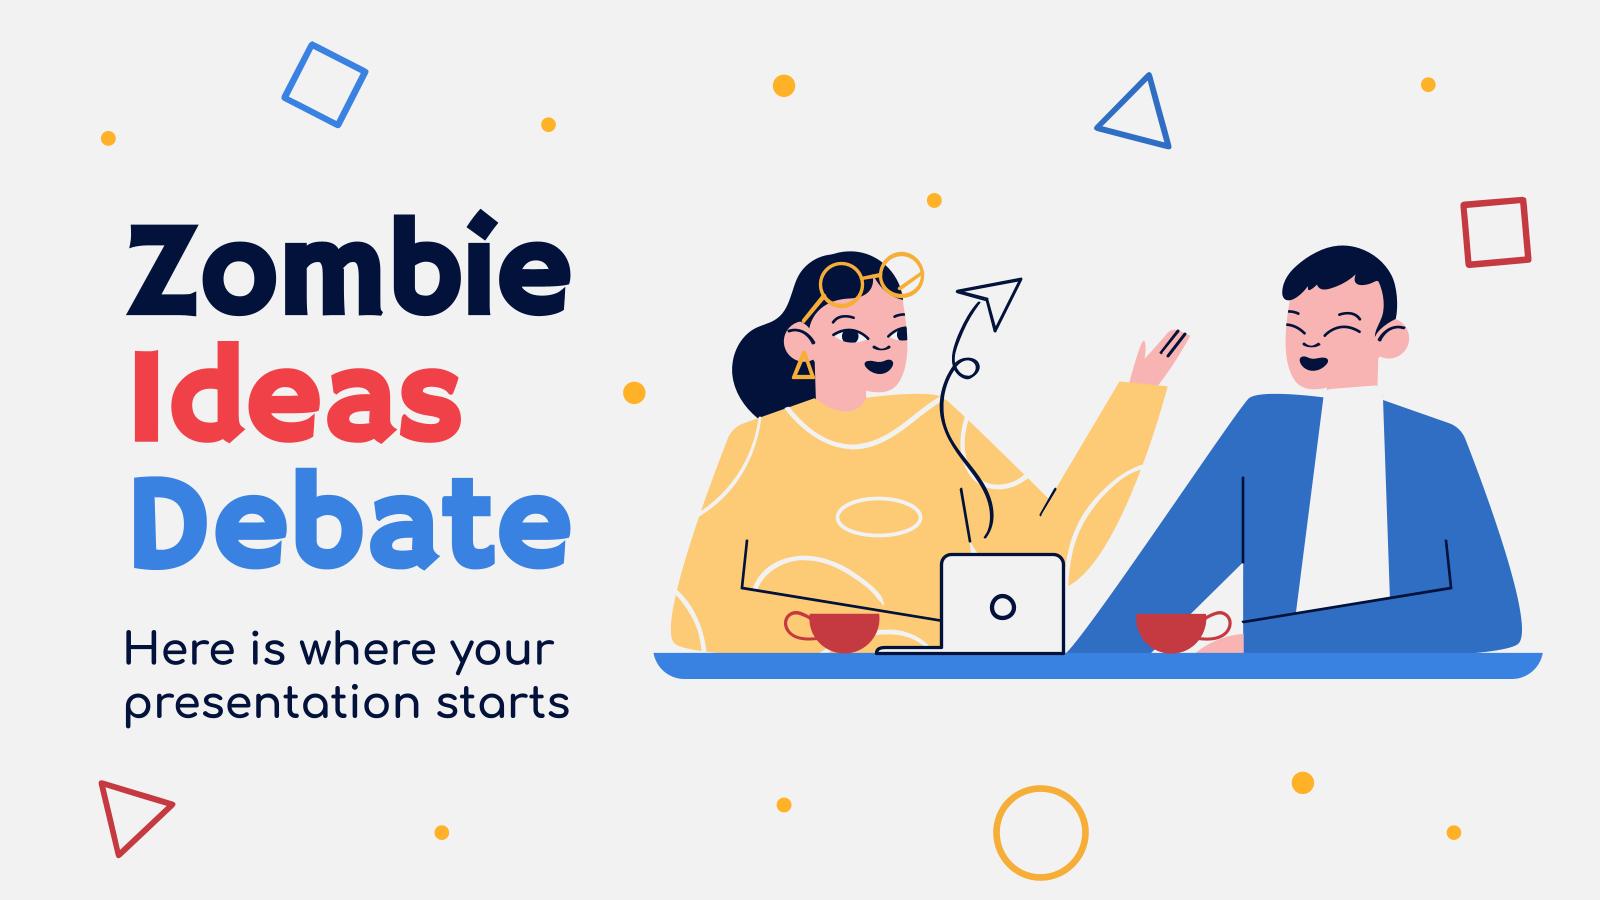 Plantilla de presentación Debate sobre las ideas zombi